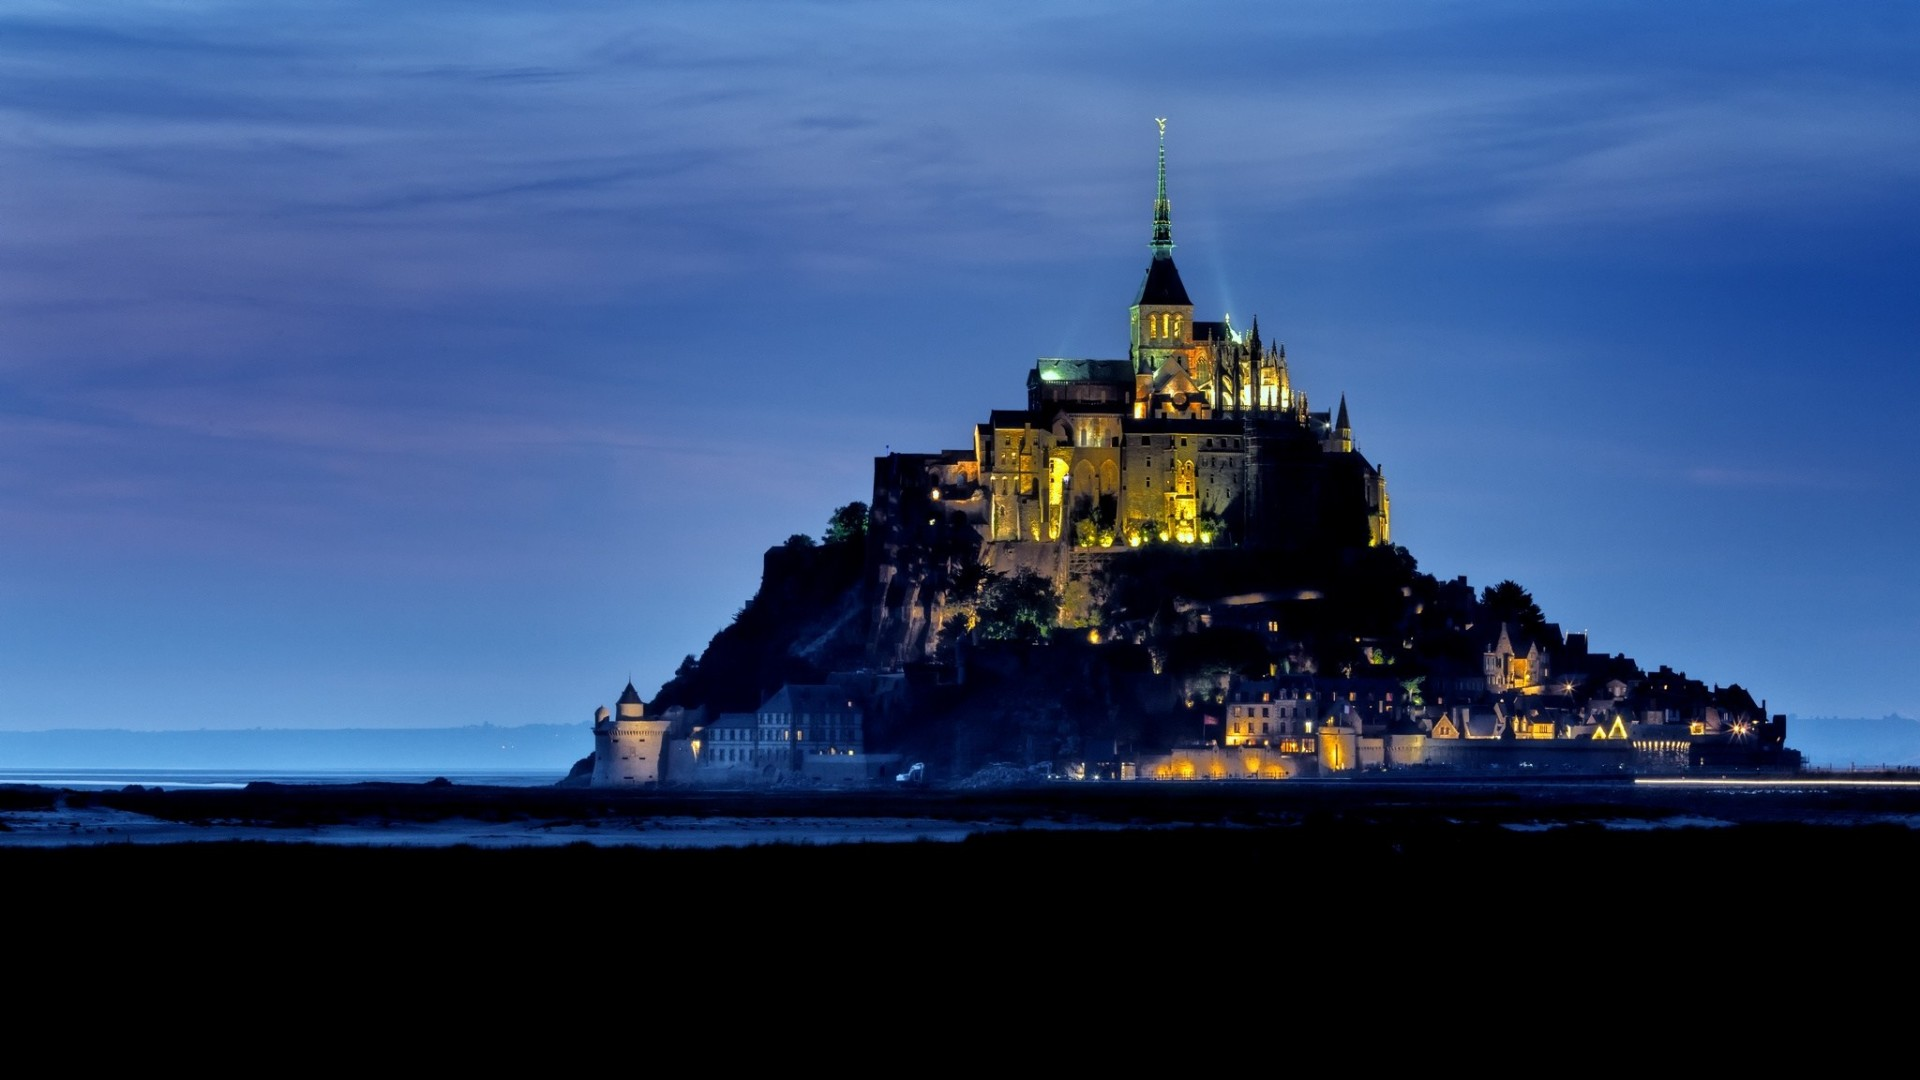 Обои остров-крепость, нормандия. Города foto 11